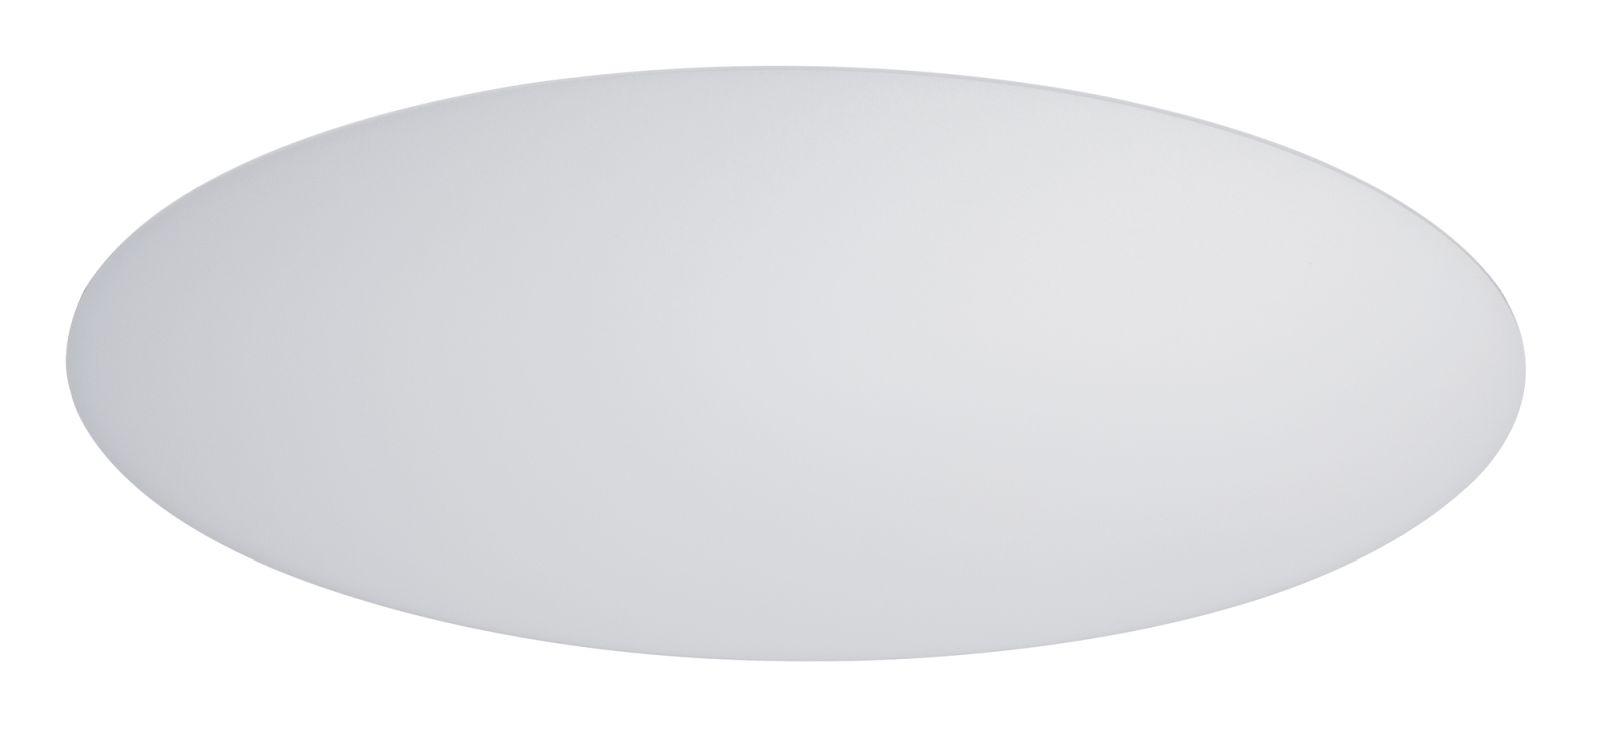 Paulmann Diffusor für DecoSystems Stoffschirme mit 25 cm Durchmesser